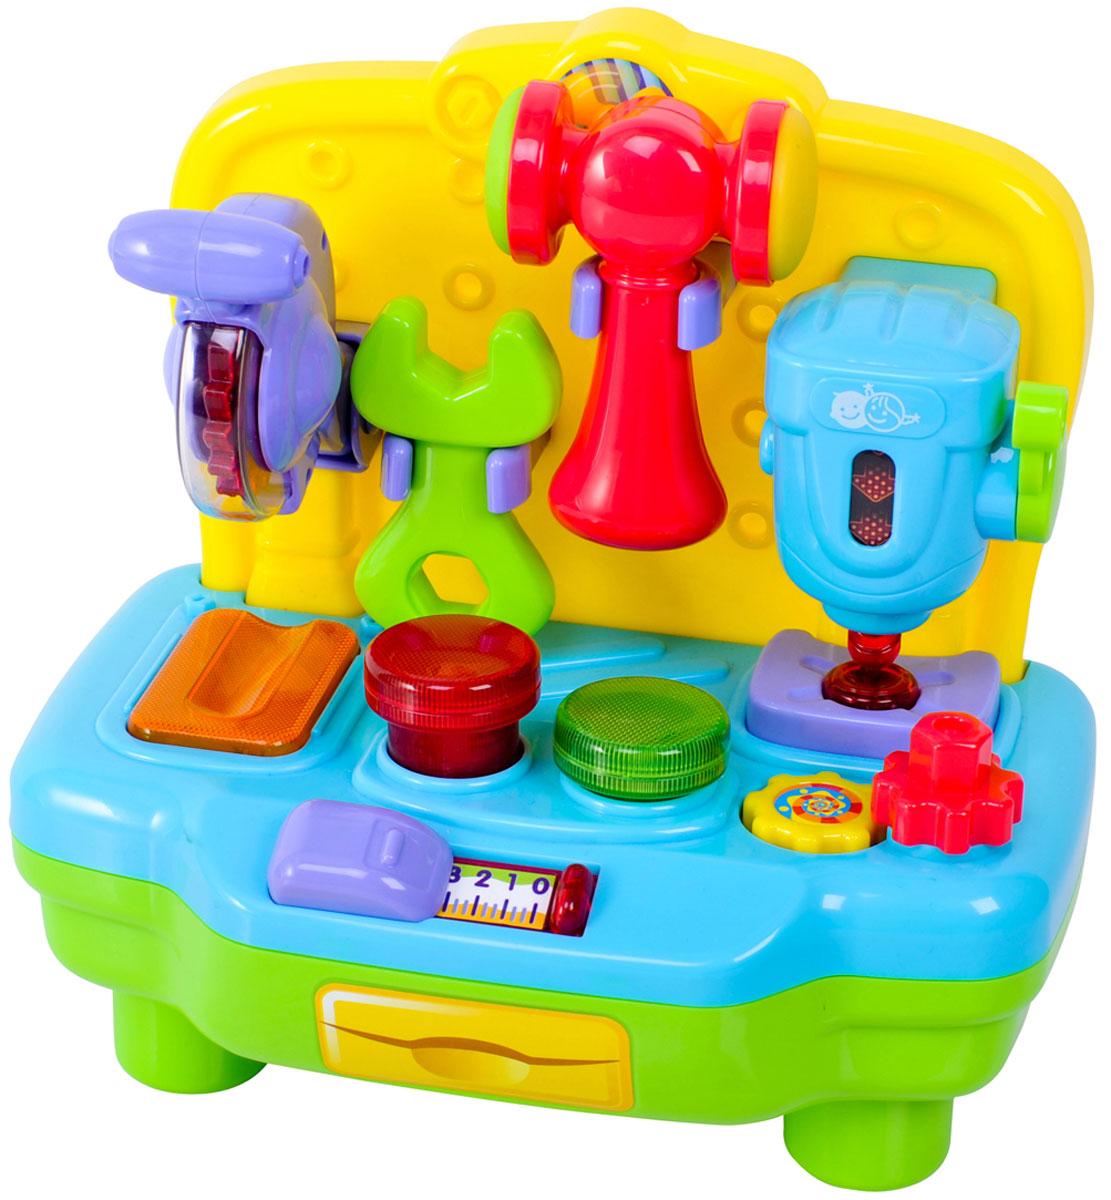 Playgo Развивающий центр Моя первая мастерскаяPlay 2449Моя первая мастерская от компании Playgo - это многофункциональный развивающий центр, с помощью которого мальчишки узнают назначение различных инструментов и научатся основам работы с ними. Игрушка представляет собой красочный верстак, на котором закреплены различные инструменты: сверлильный станок с опускающимся и поднимающимся сверлом, дисковая пила, а также гаечный ключ и молоток, для которых на верстаке предусмотрены гайка и гвозди. Играя с такой мастерской, ребенок будет развивать моторику рук и воображение, а предусмотренные звуковые эффекты обязательно порадуют малыша. Развитие навыков: данная игрушечная мастерская будет способствовать развитию логического мышления, воображения, а также мелкой моторики рук малыша. Он также узнает, для чего нужны те или иные инструменты и каким образом их применять. Ваш ребенок будет в восторге от такого подарка! Рекомендуется докупить 3 батарейки напряжением 1,5V типа АА (товар комплектуется...